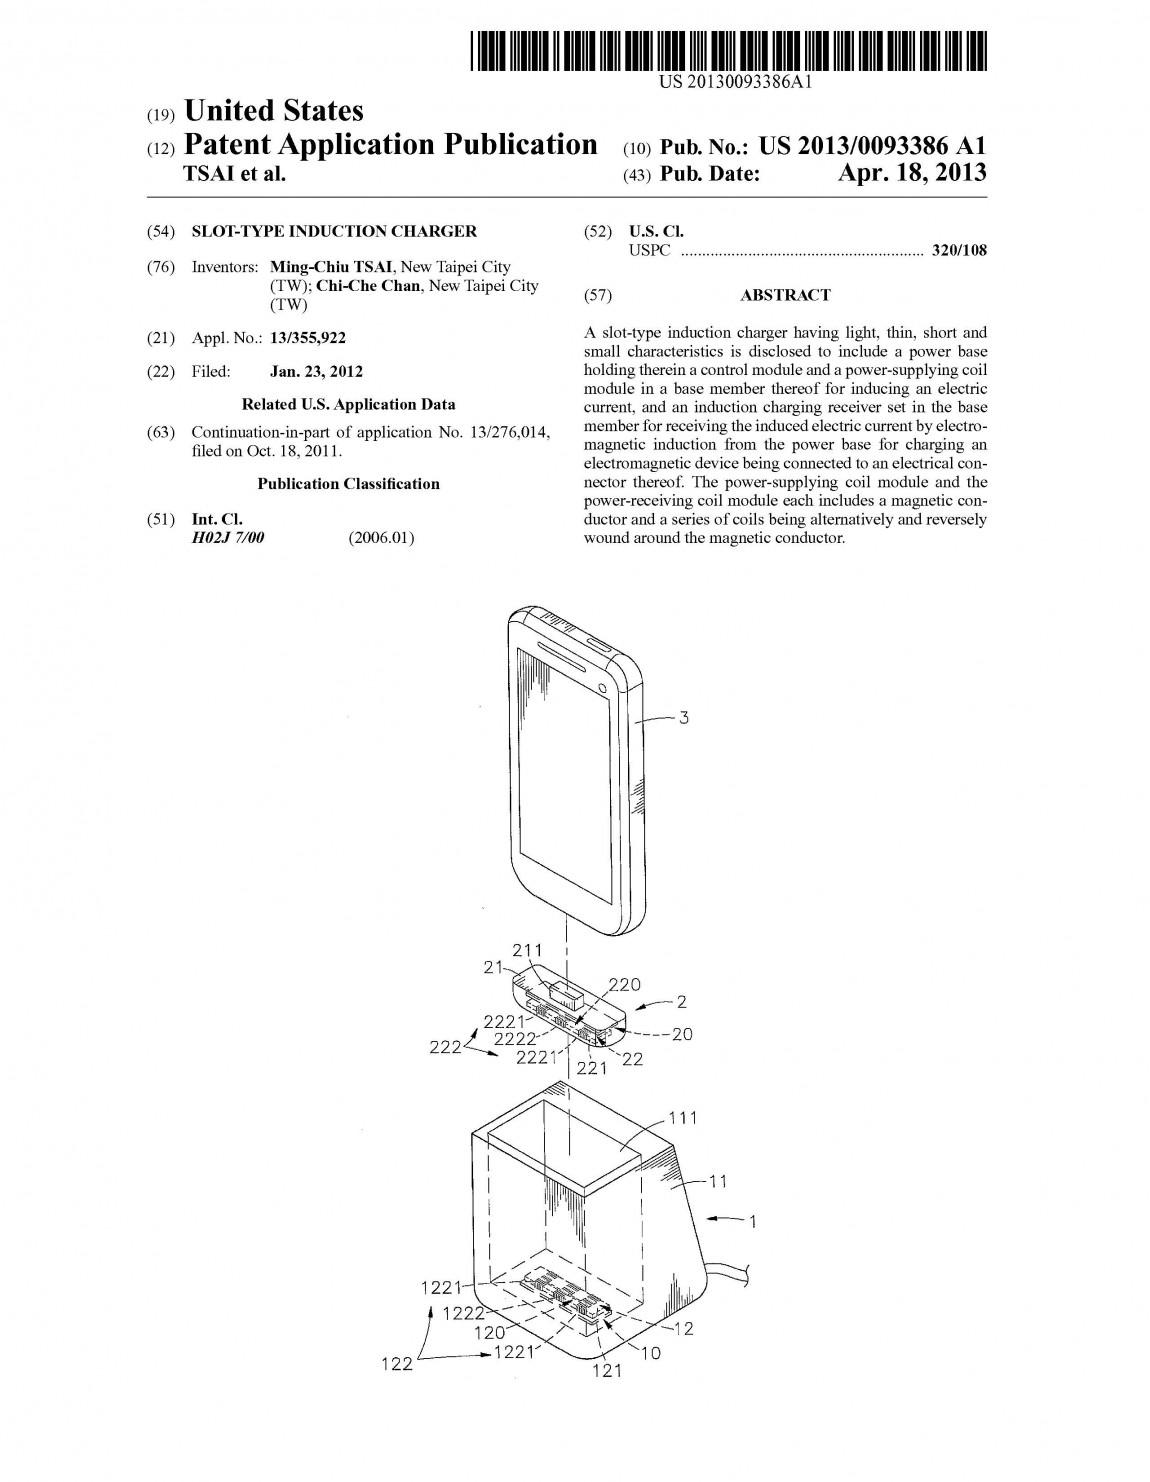 富達通專利12-SLOT-TYPE INDUCTION CHARGER (美國)pat20130093386